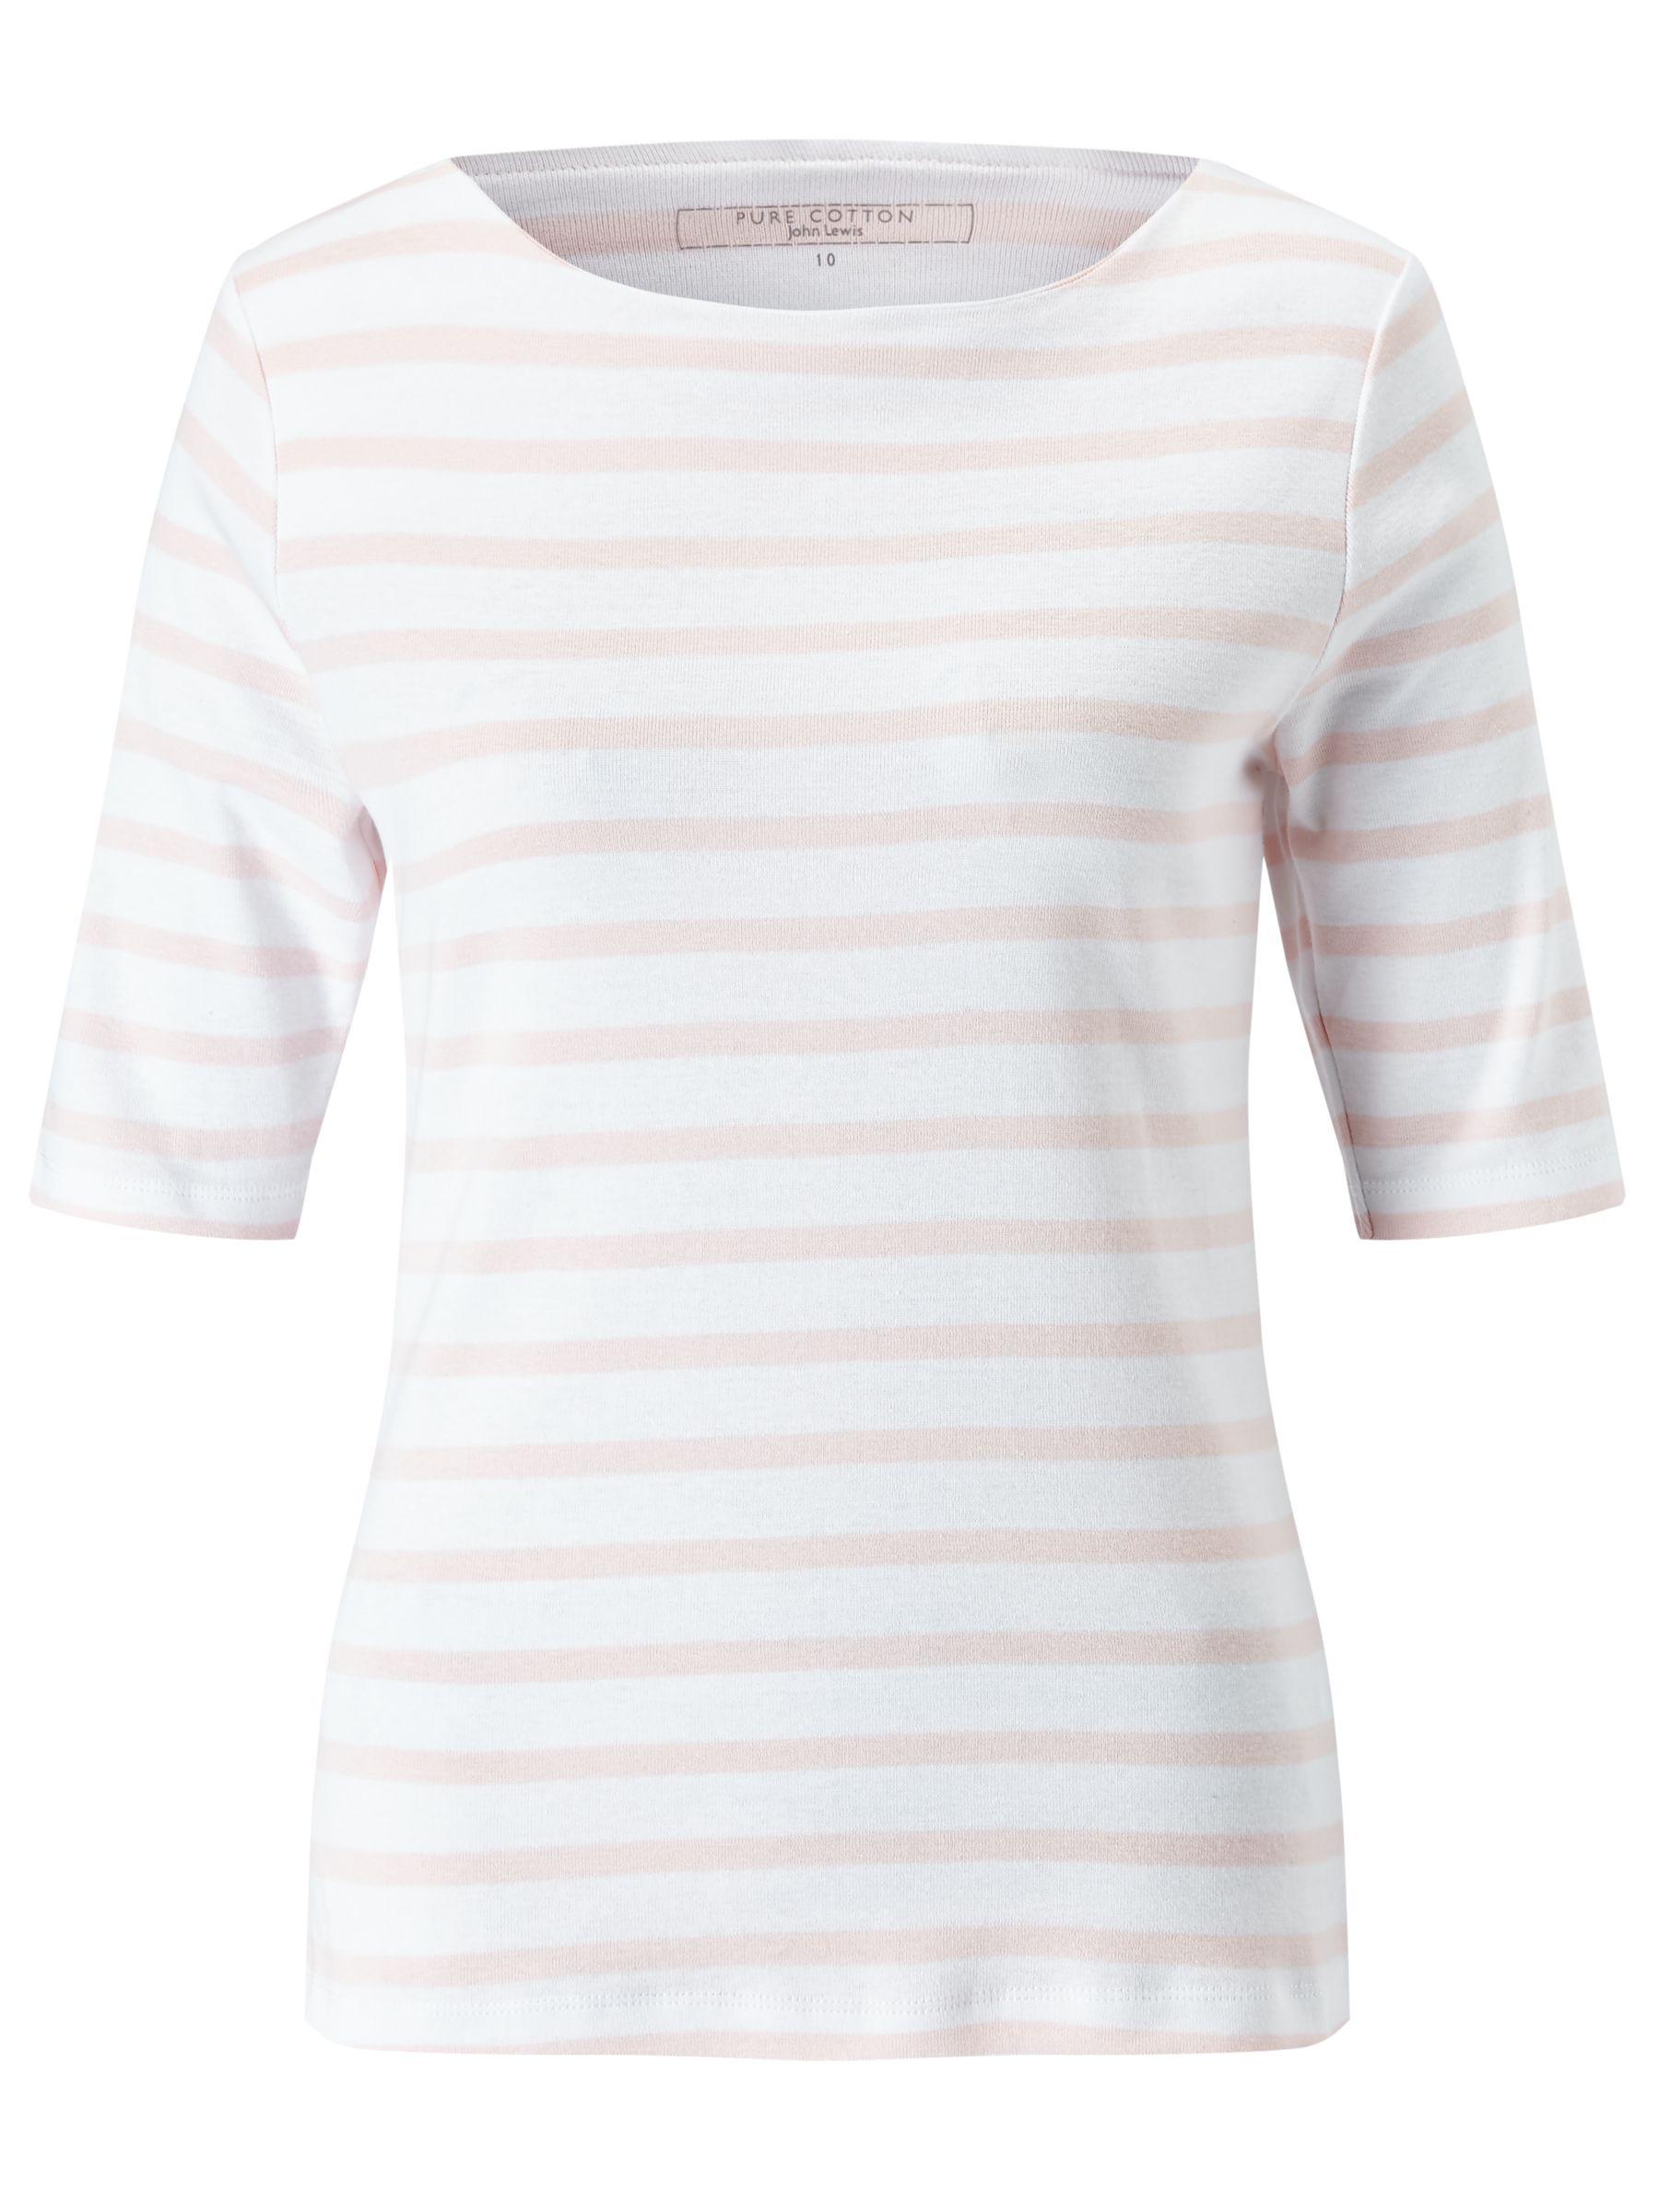 1eb2a8eb225b John Lewis Half-Sleeve Breton Stripe T-Shirt, White/ Pink at John Lewis &  Partners